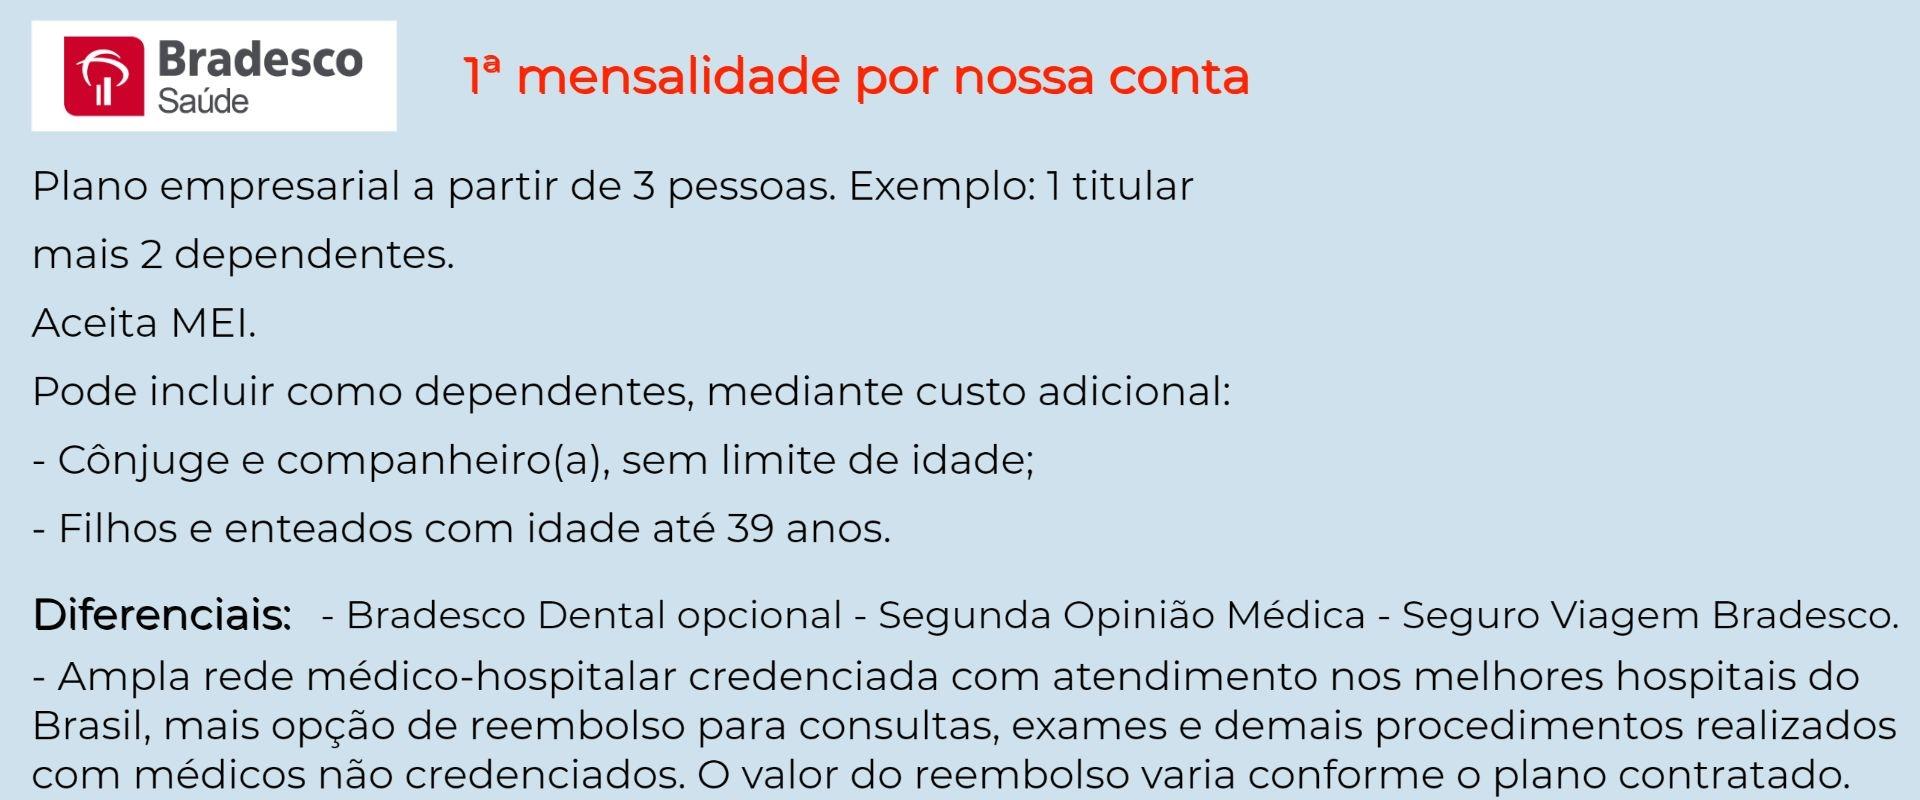 Bradesco Saúde Empresarial - Ribeirão Preto